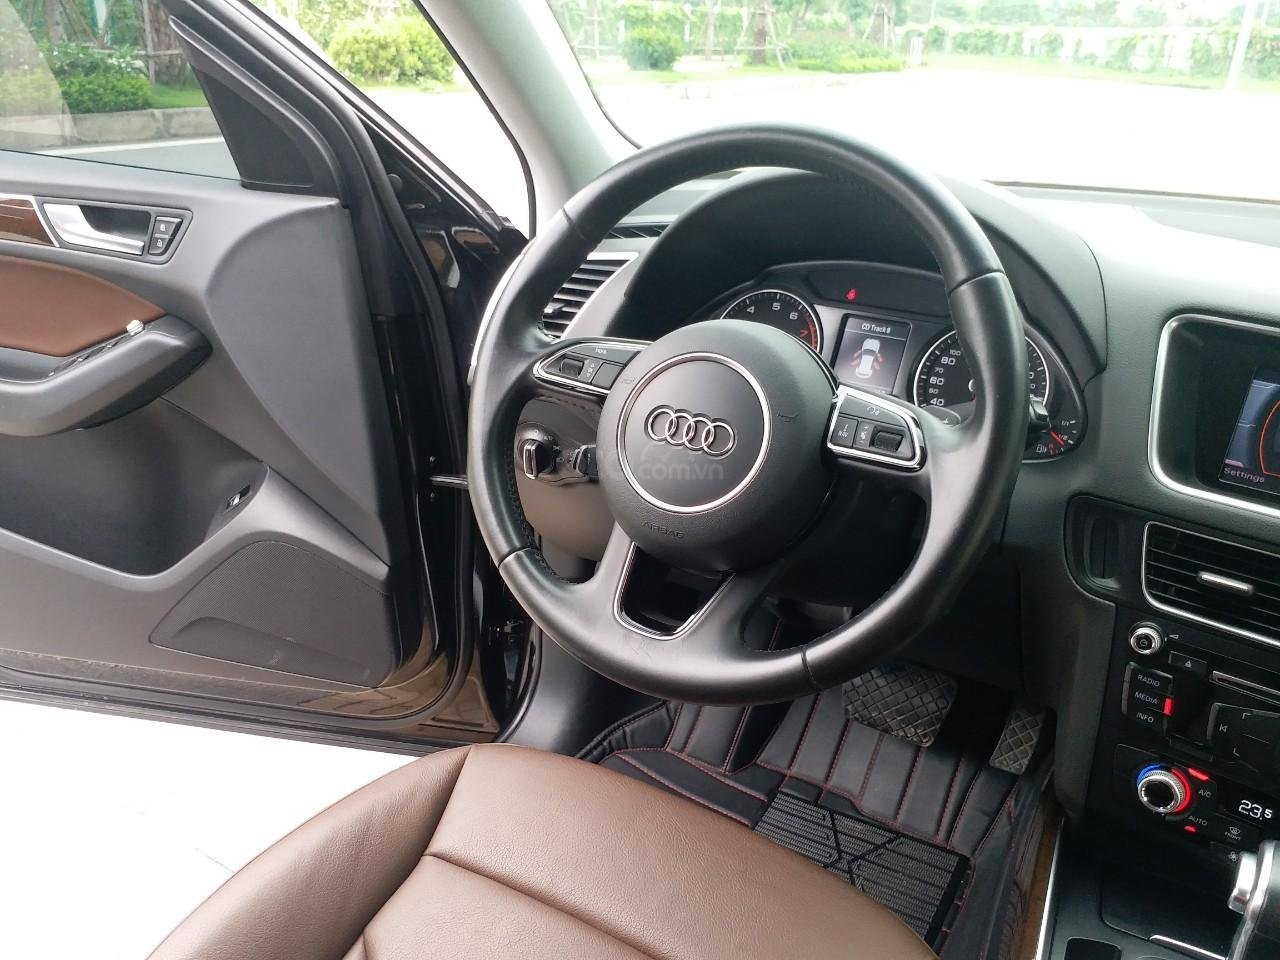 Bán Audi Q5 2.0 TFSI màu đen/ nâu, sản xuất cuối 2015 nhập Đức, đăng ký 2016 tên tư nhân (12)